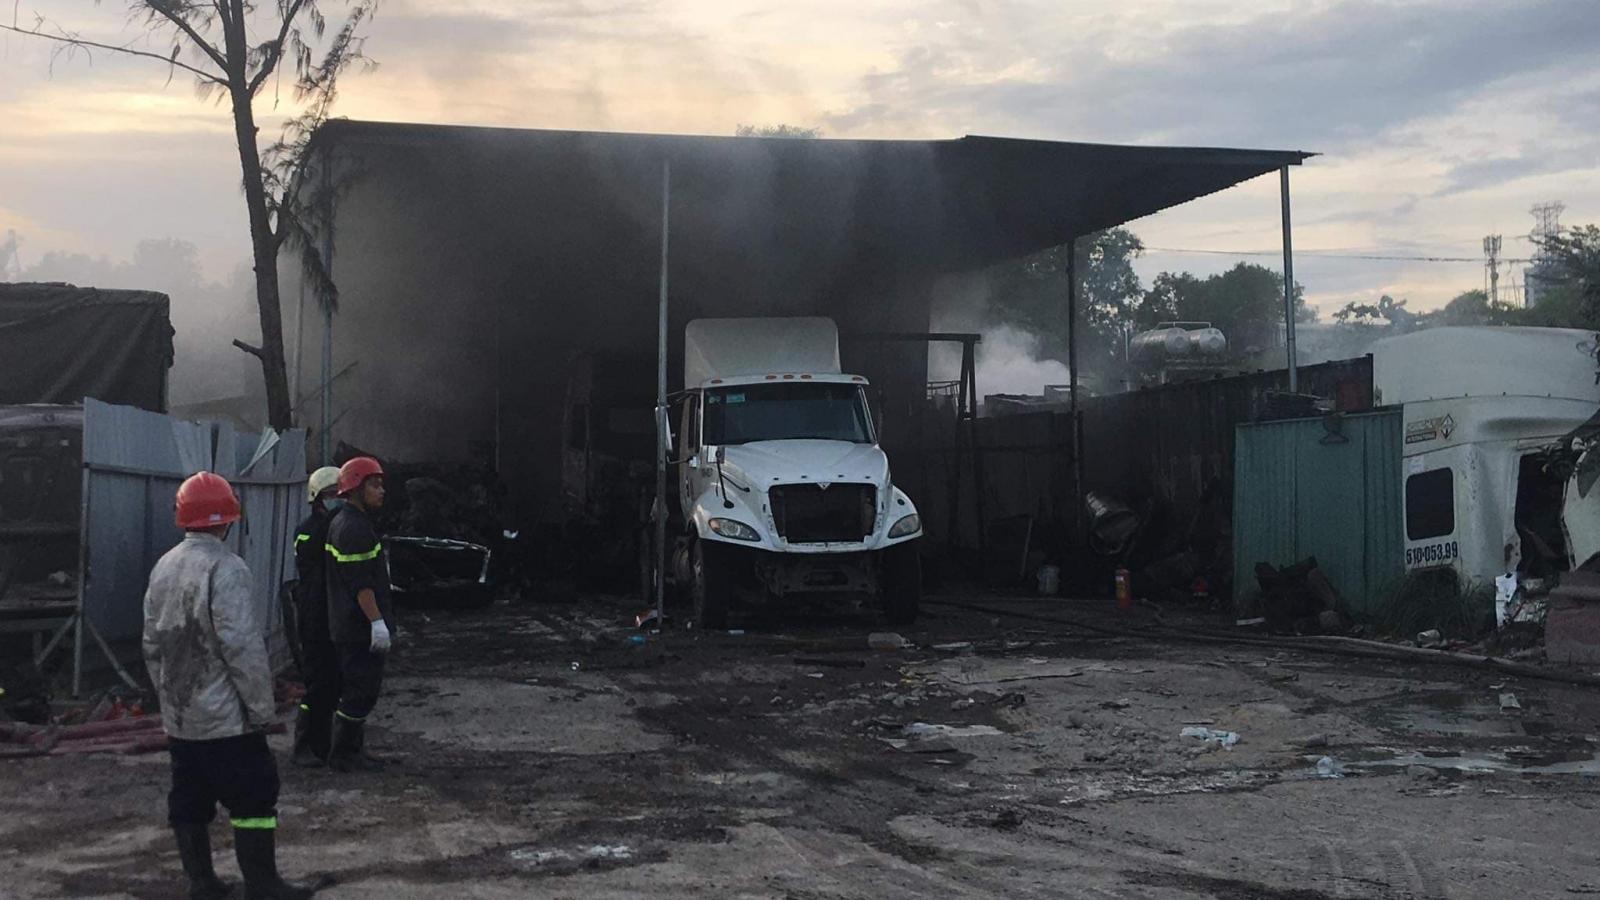 Cháy bãi xe ở Quận 9, nhiều ô tô bị lửa thiêu rụi, trơ khung